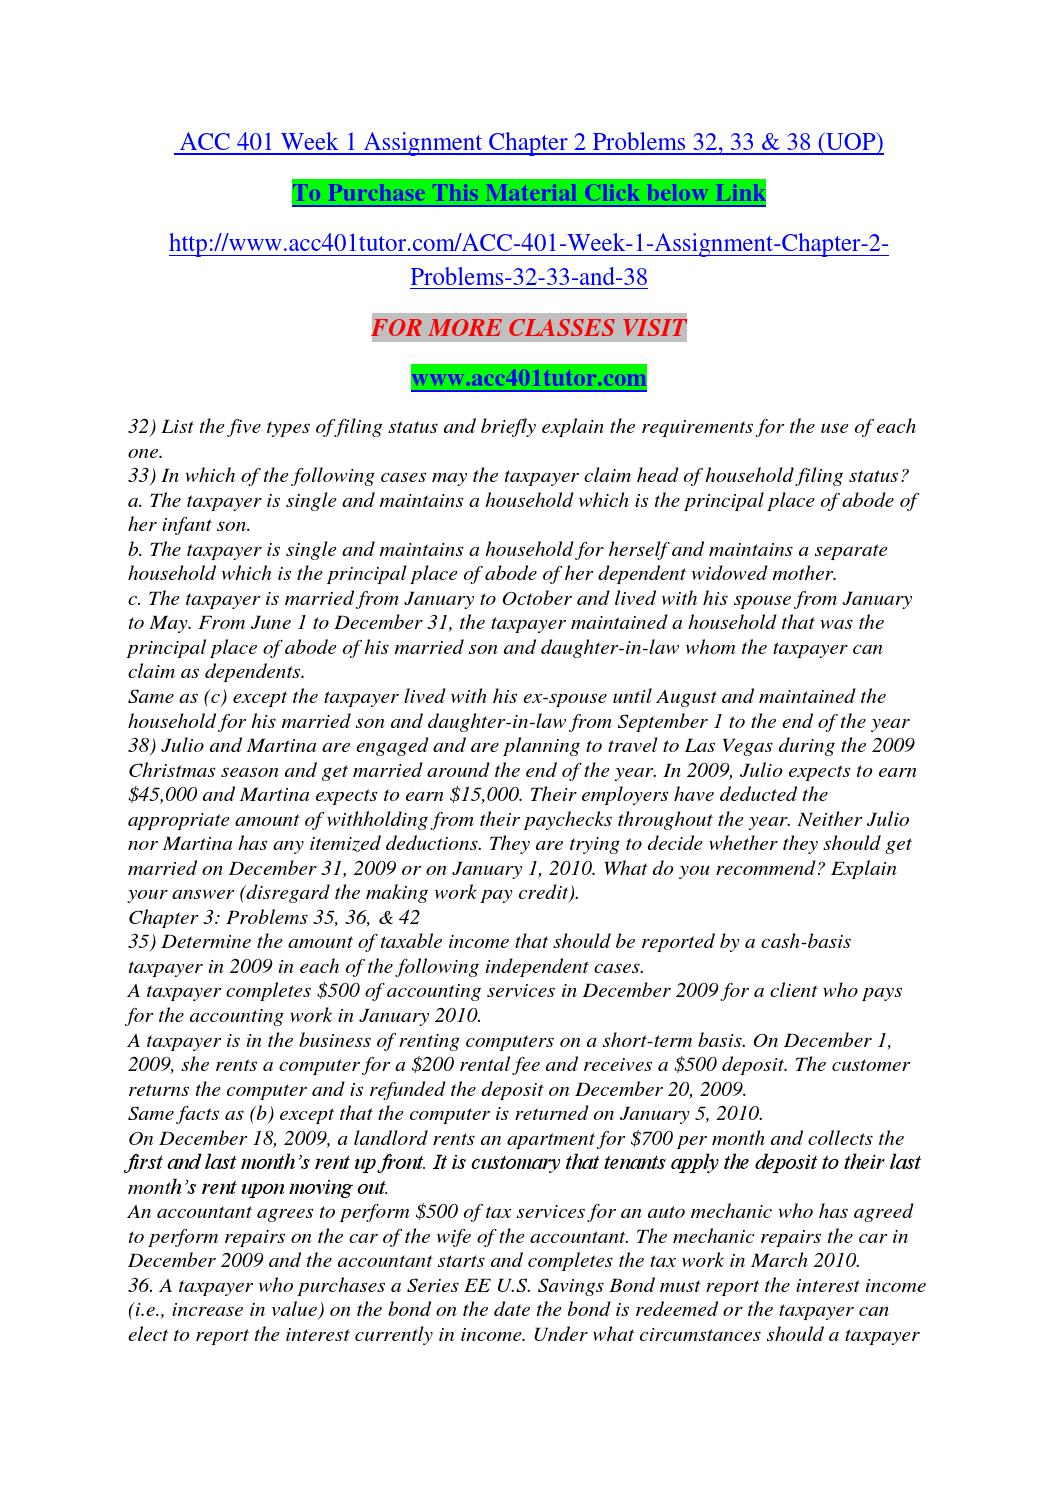 DBM 502 WEEK 1 ASSIGNMENT 1